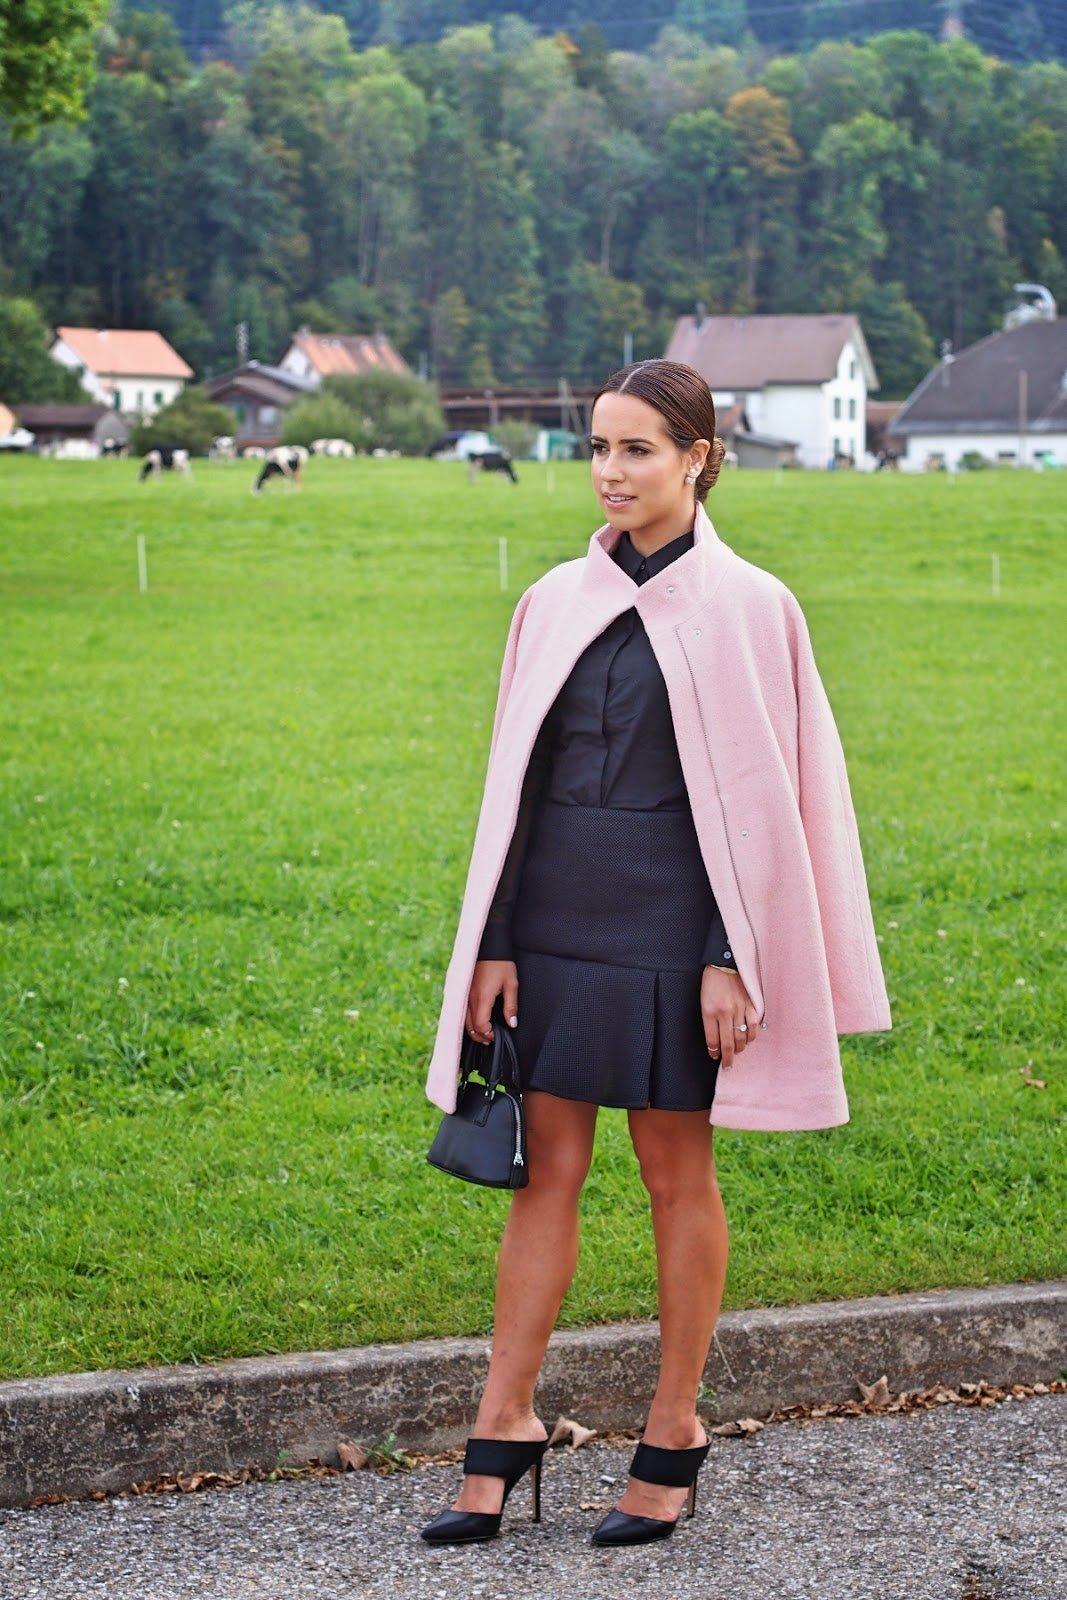 Blush & Black in Switzerland